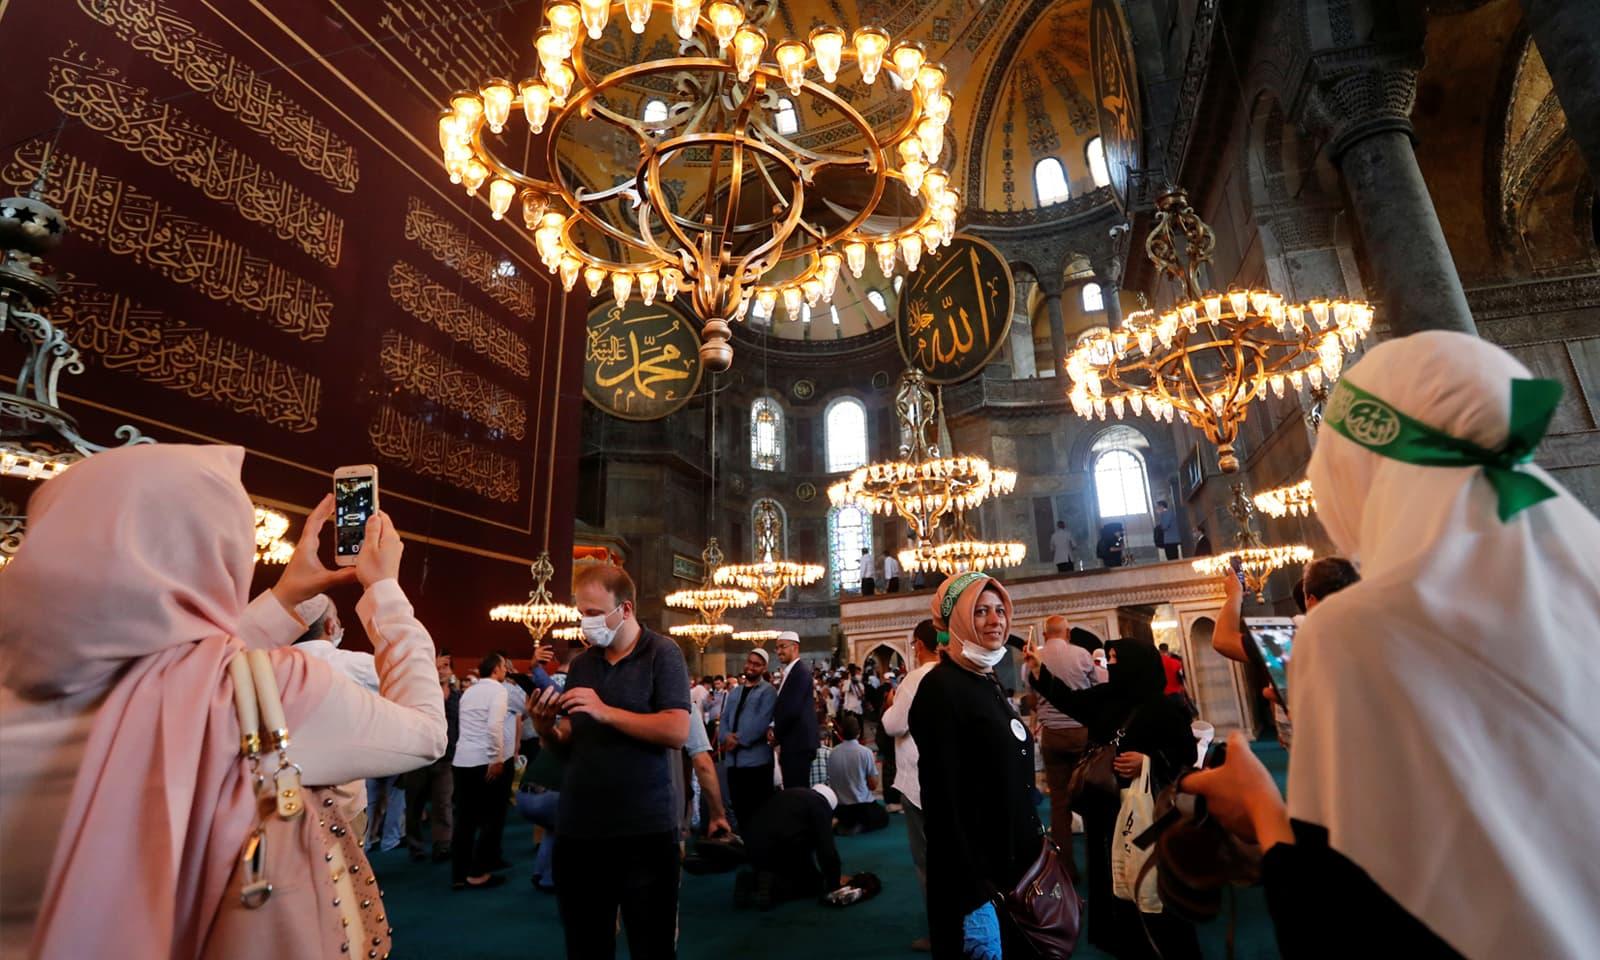 مصطفیٰ کمال اتاترک نے مسجد کو 1934 میں میوزیم میں تبدیل کردیا تھا— فوٹو: رائٹرز